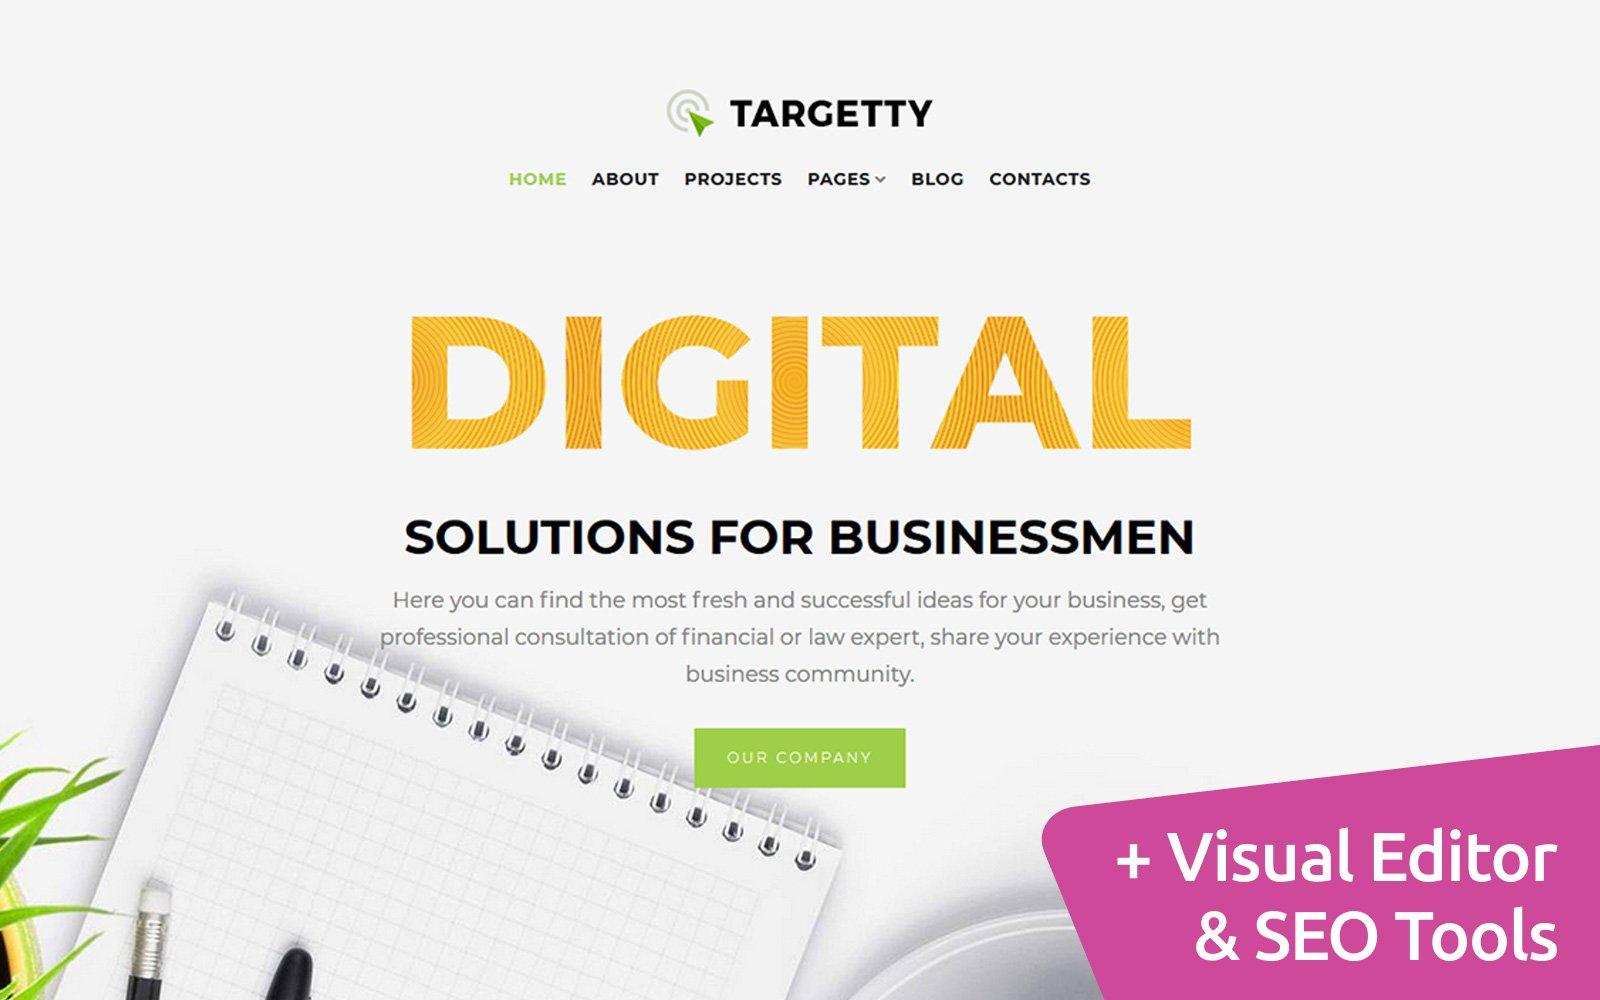 """""""Targetty - Fancy Advertising Agency"""" modèle Moto CMS 3 adaptatif #122667"""